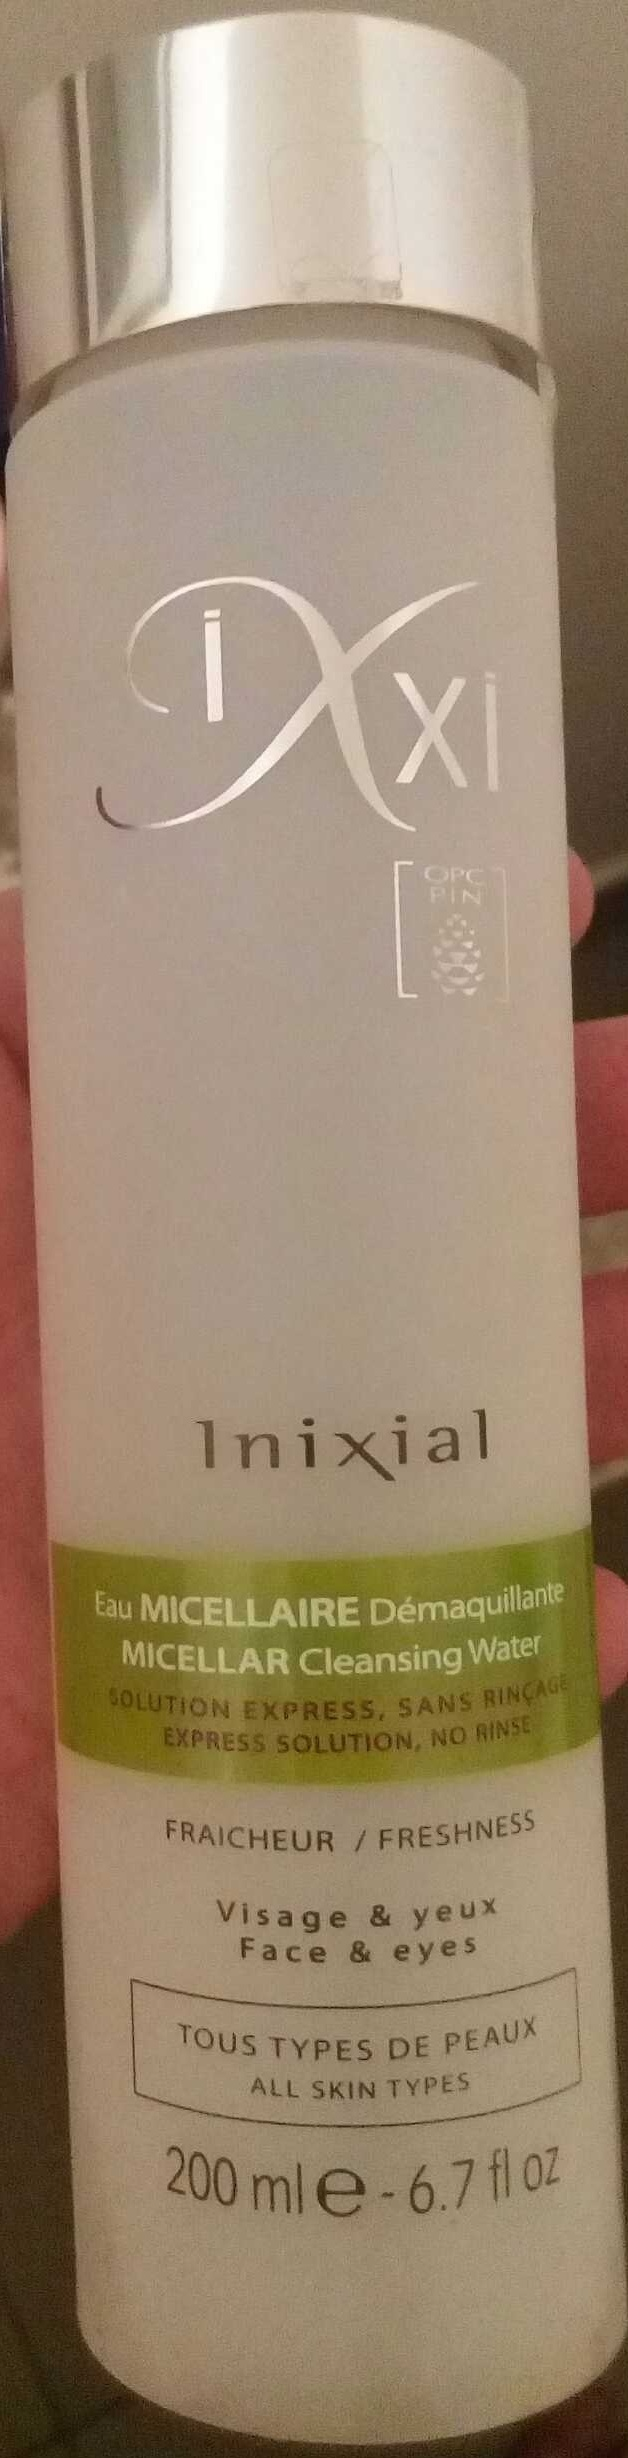 Inixial eau micellaire démaquillante - Produit